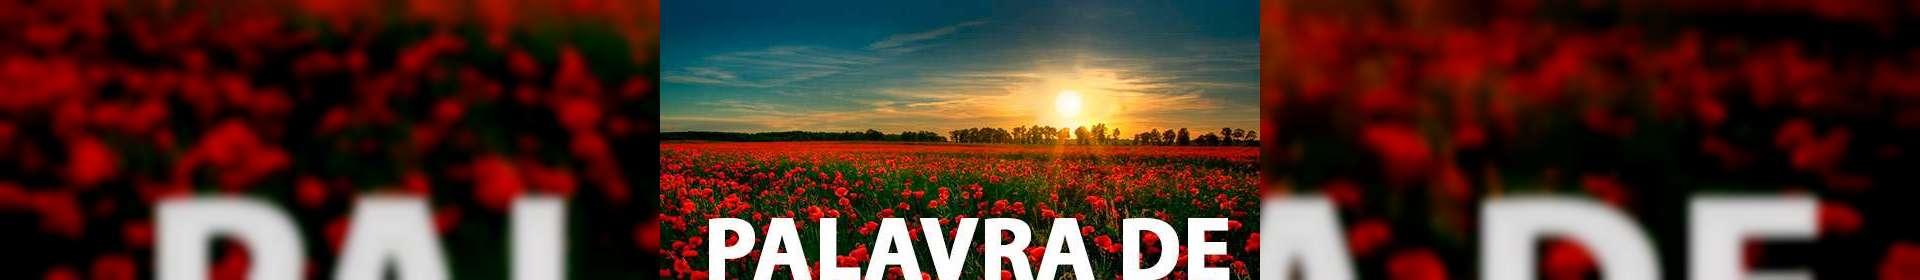 Colossenses 4:6 - Uma Palavra de Esperança para sua vida